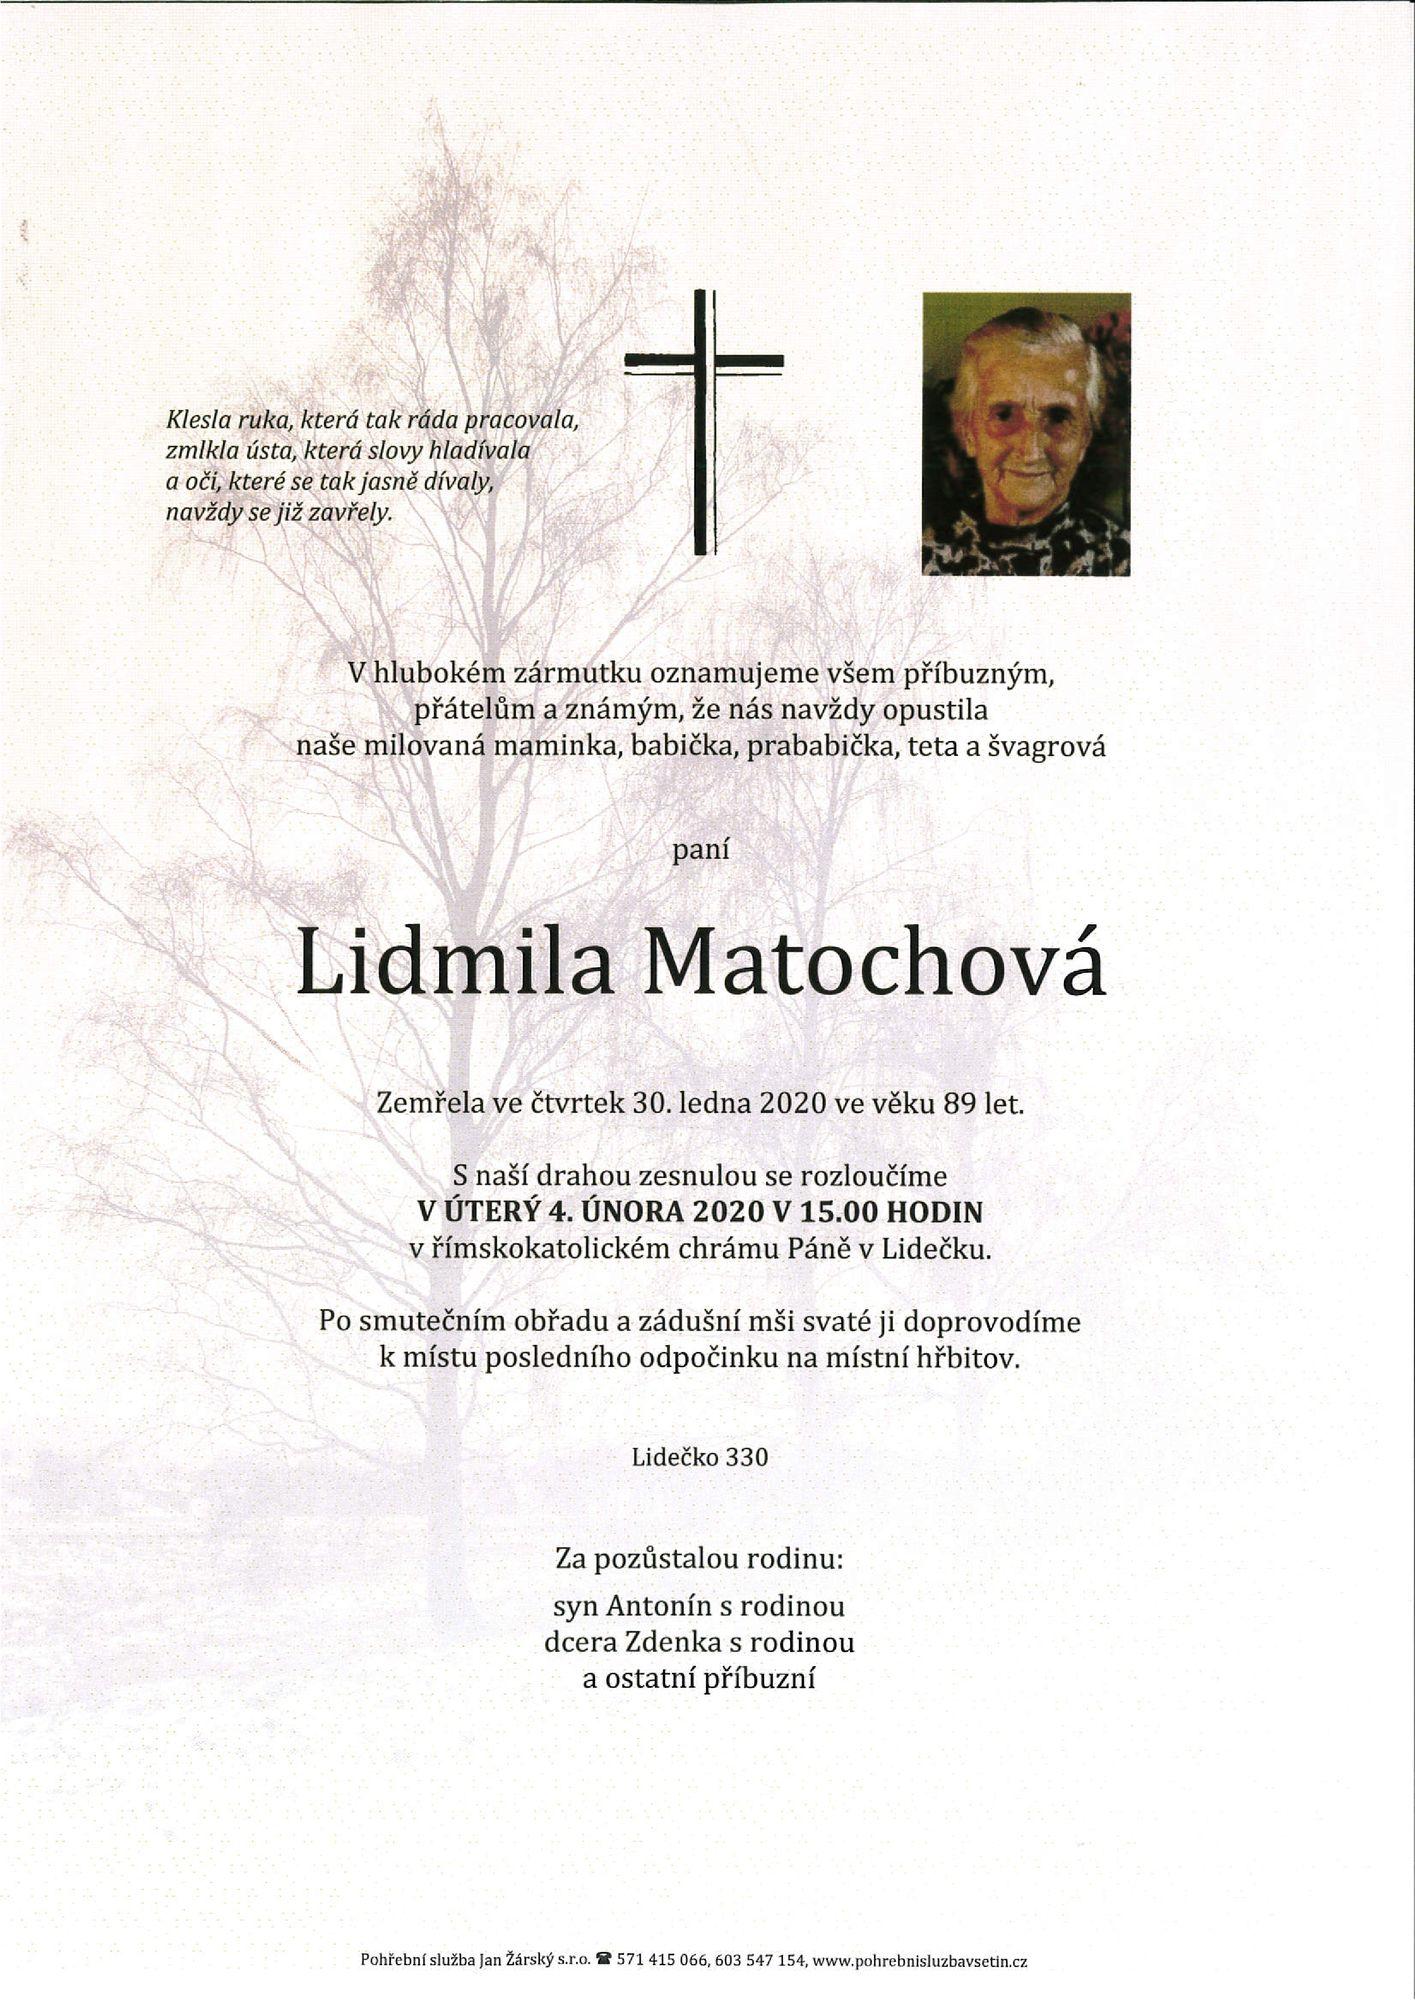 Lidmila Matochová